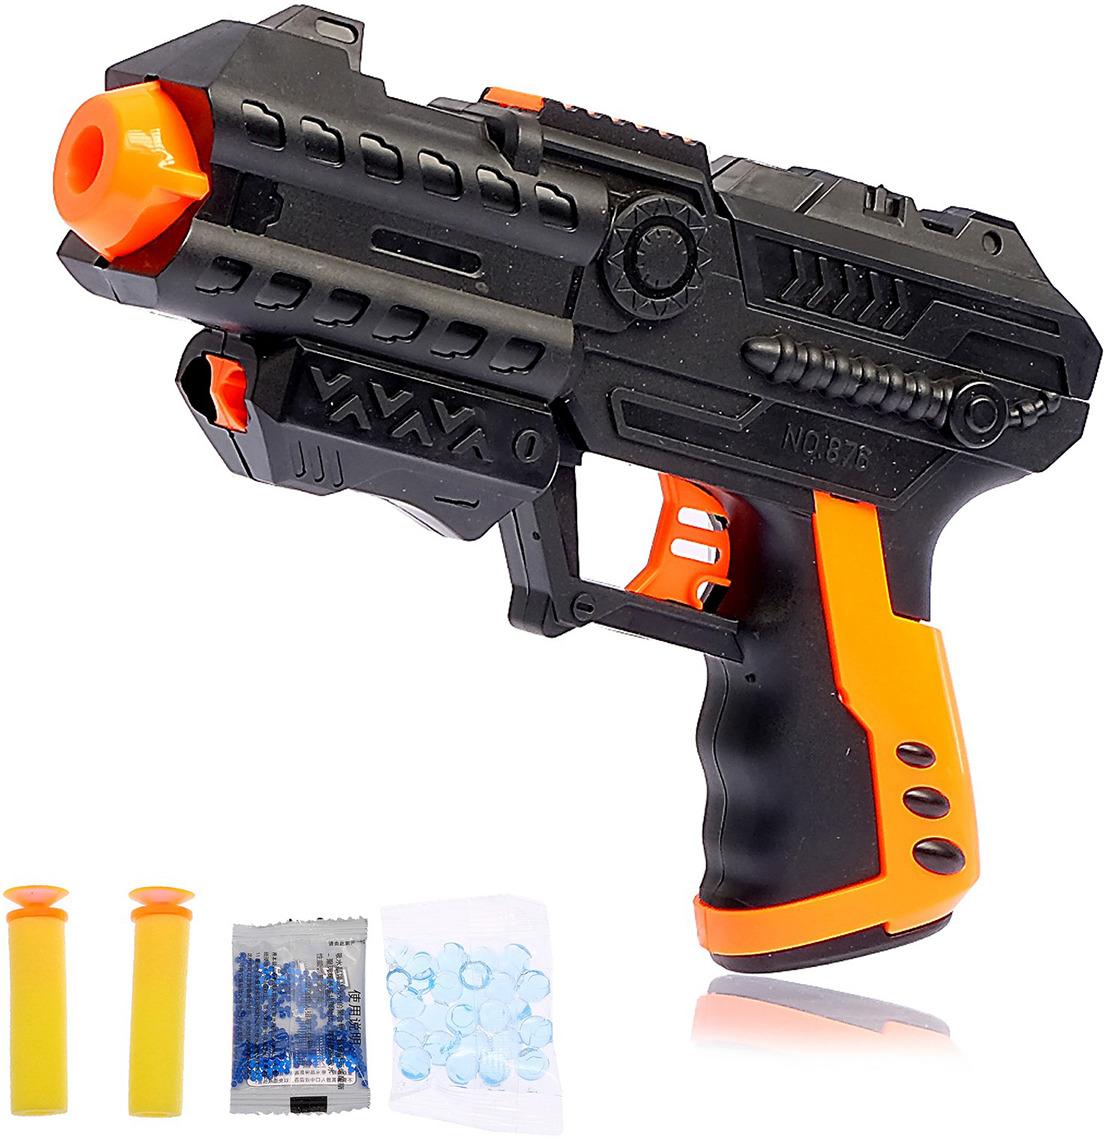 игрушечное оружие свсд игрушечное оружие ниндзя крадущийся воин Игрушечное оружие Пистолет Бегущий воин, 2621513